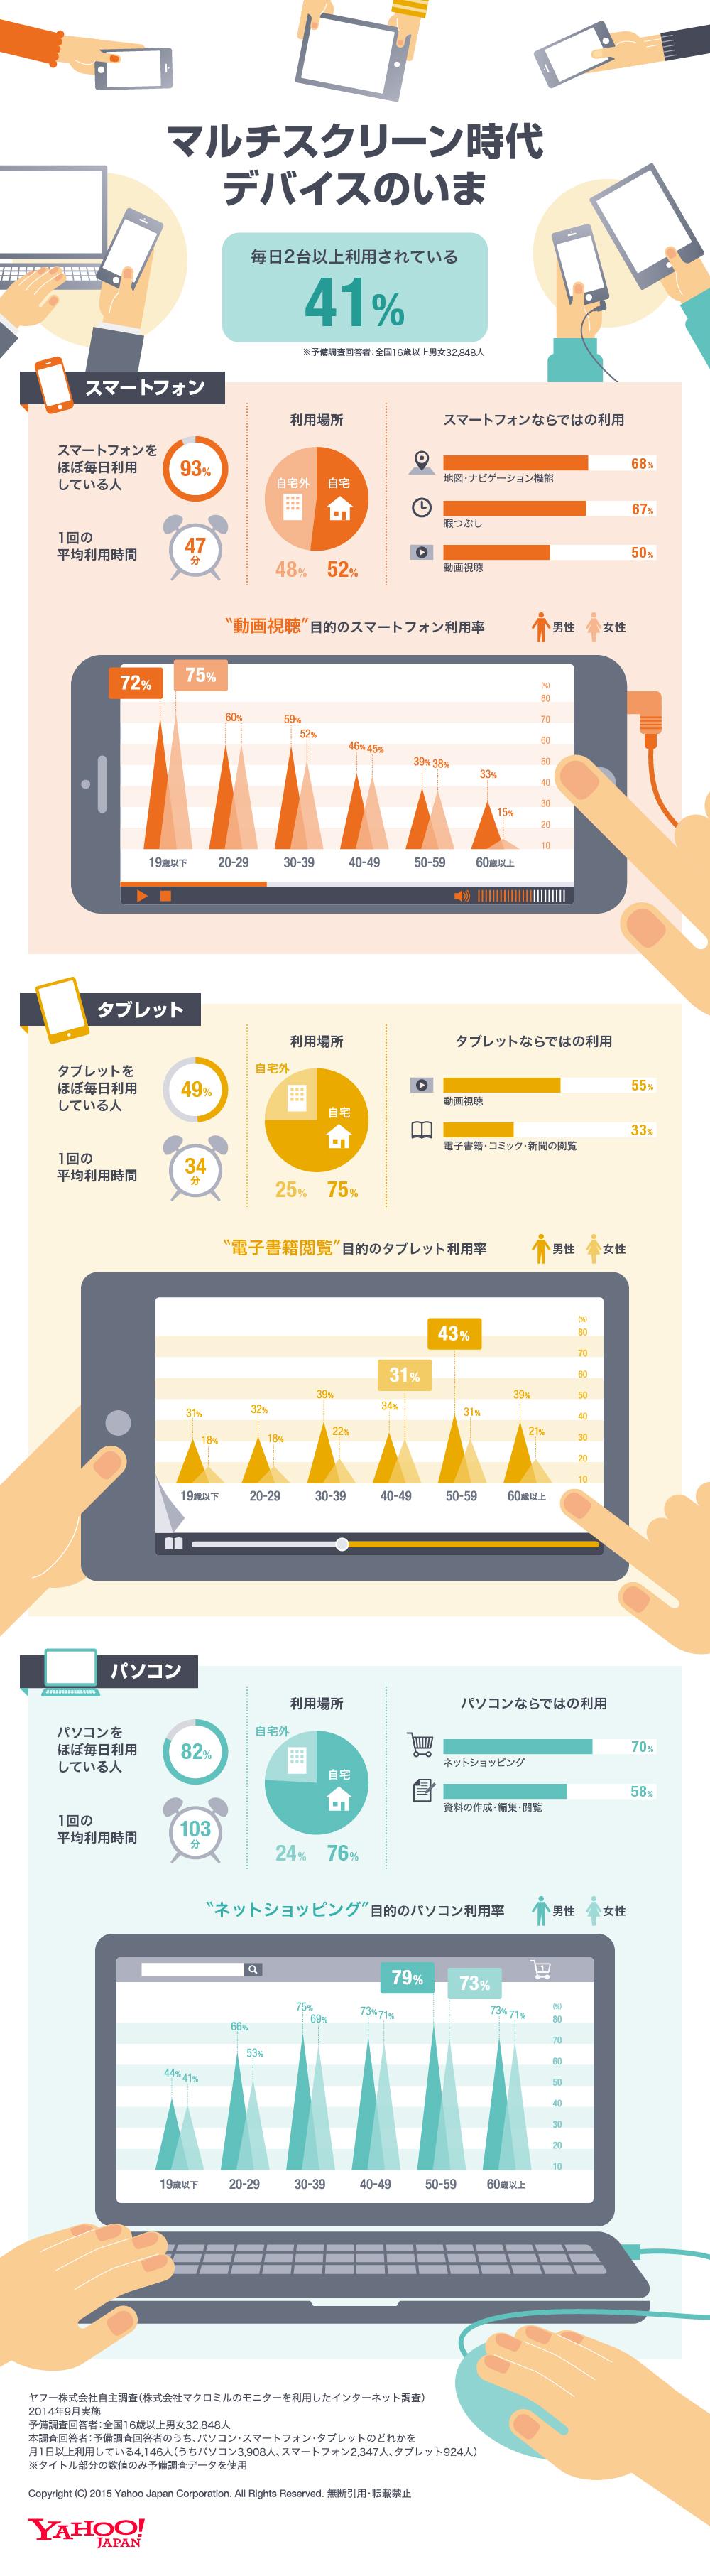 インフォグラフィック:10代スマホ動画視聴率70%、50代タブレット電子書籍閲覧率40%